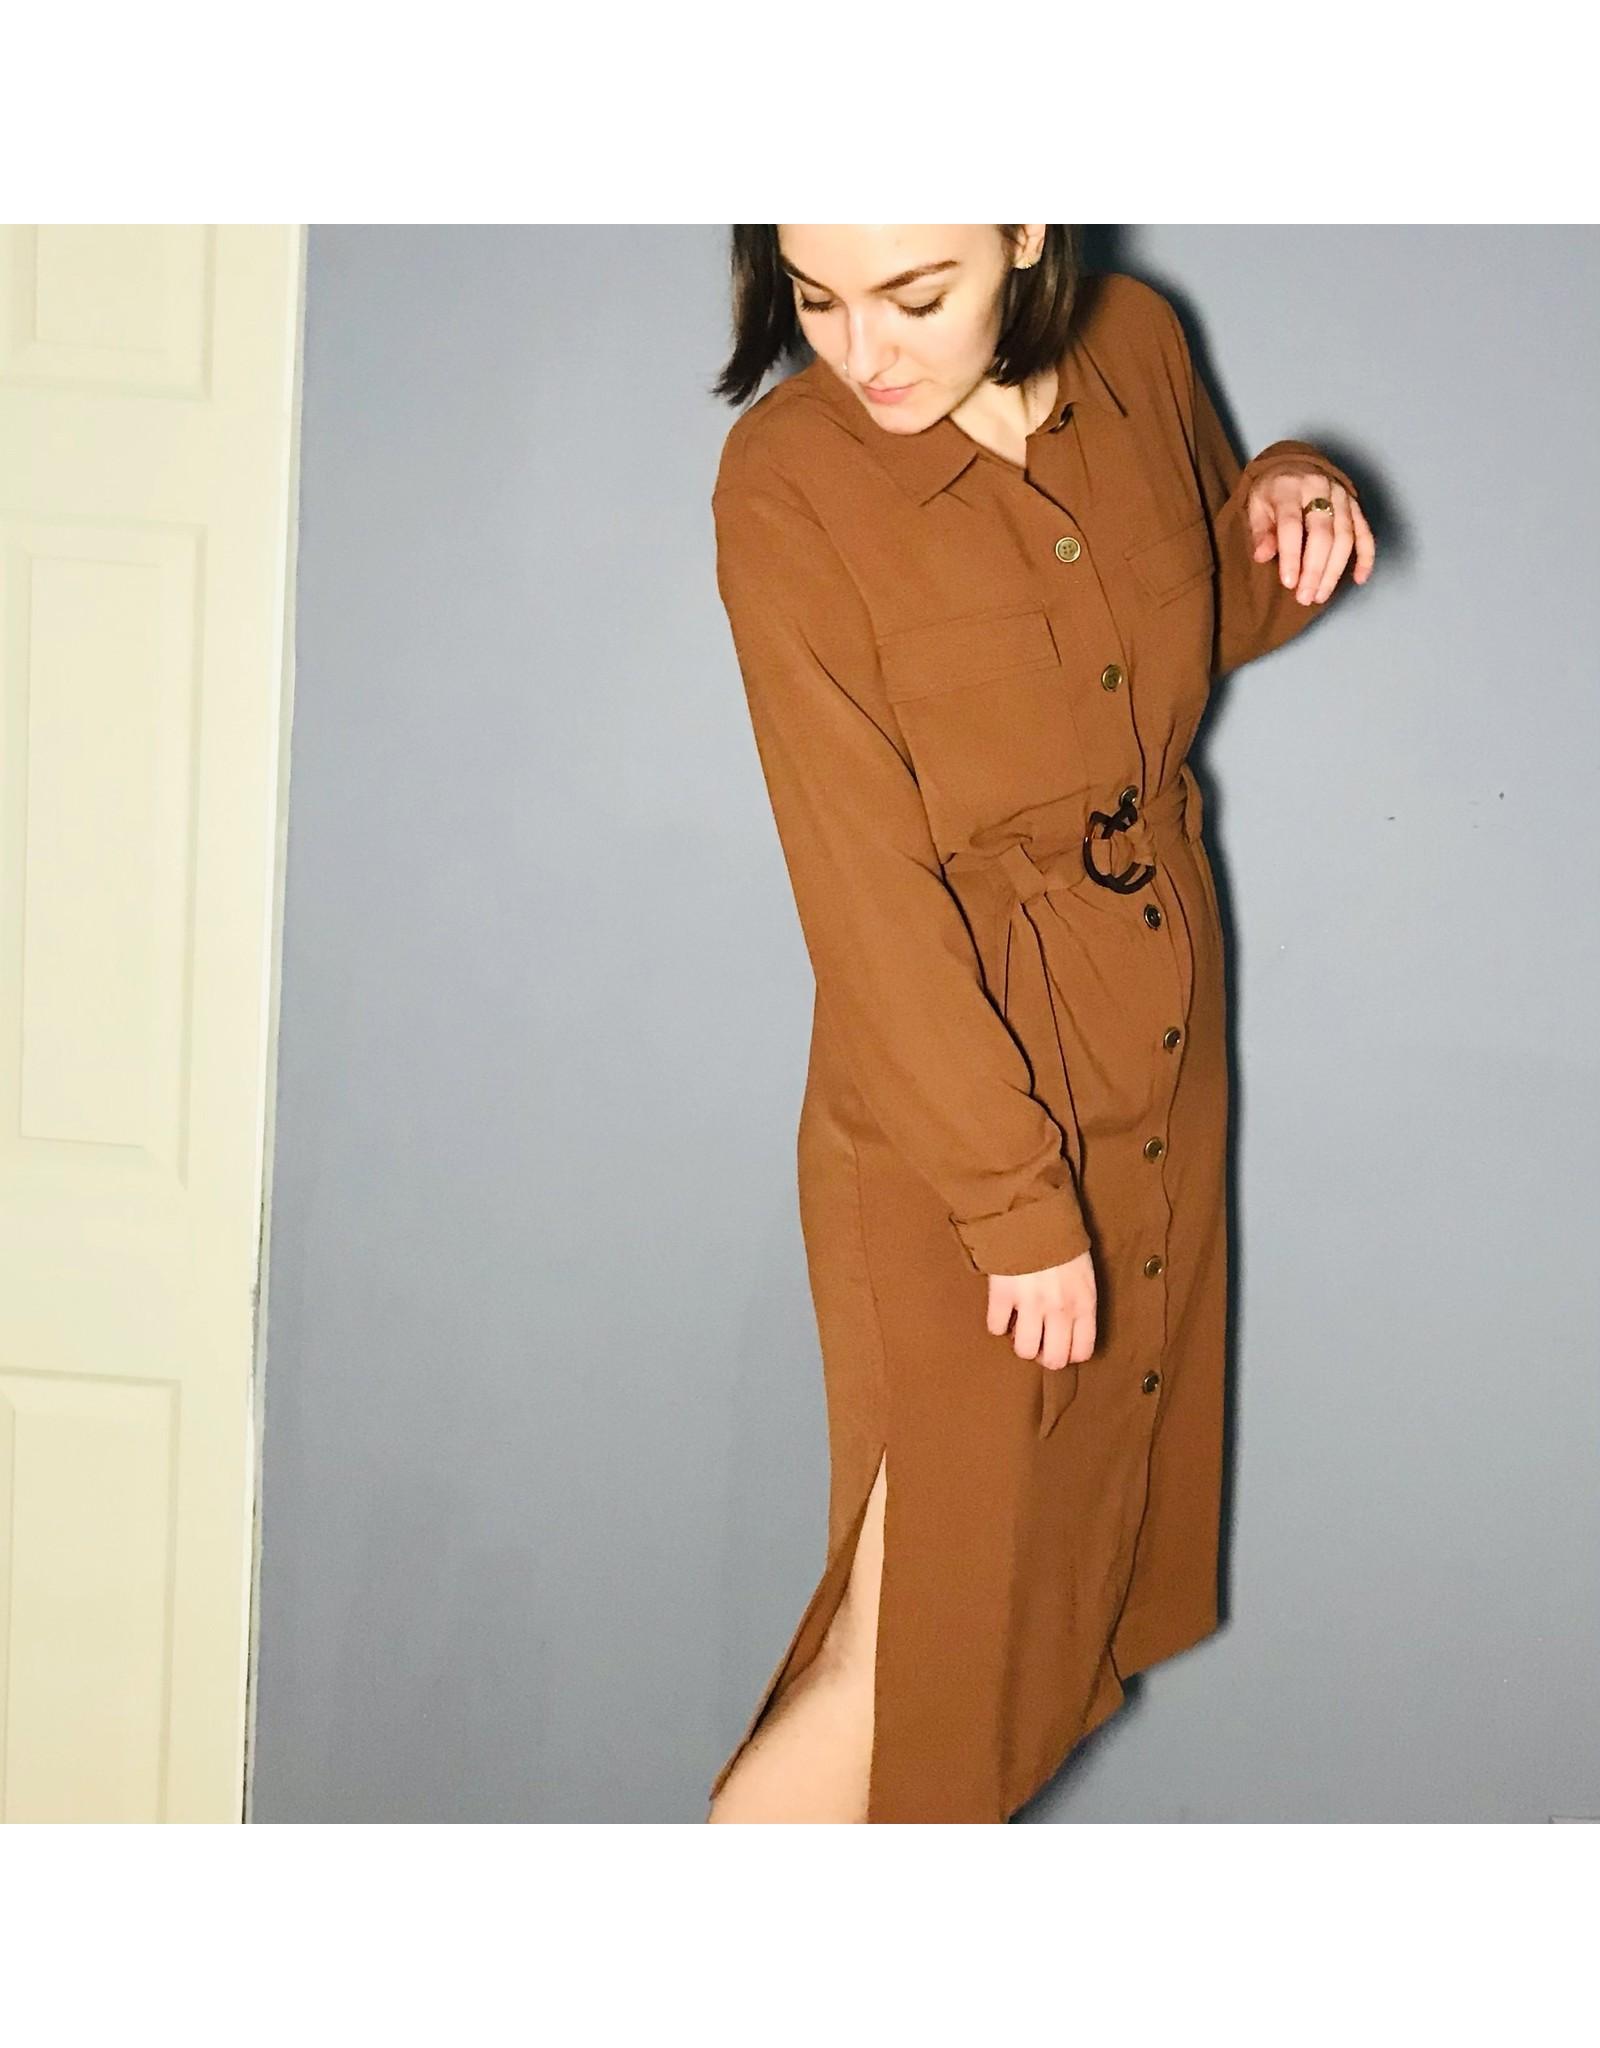 Bonanza - Fall For You Dress